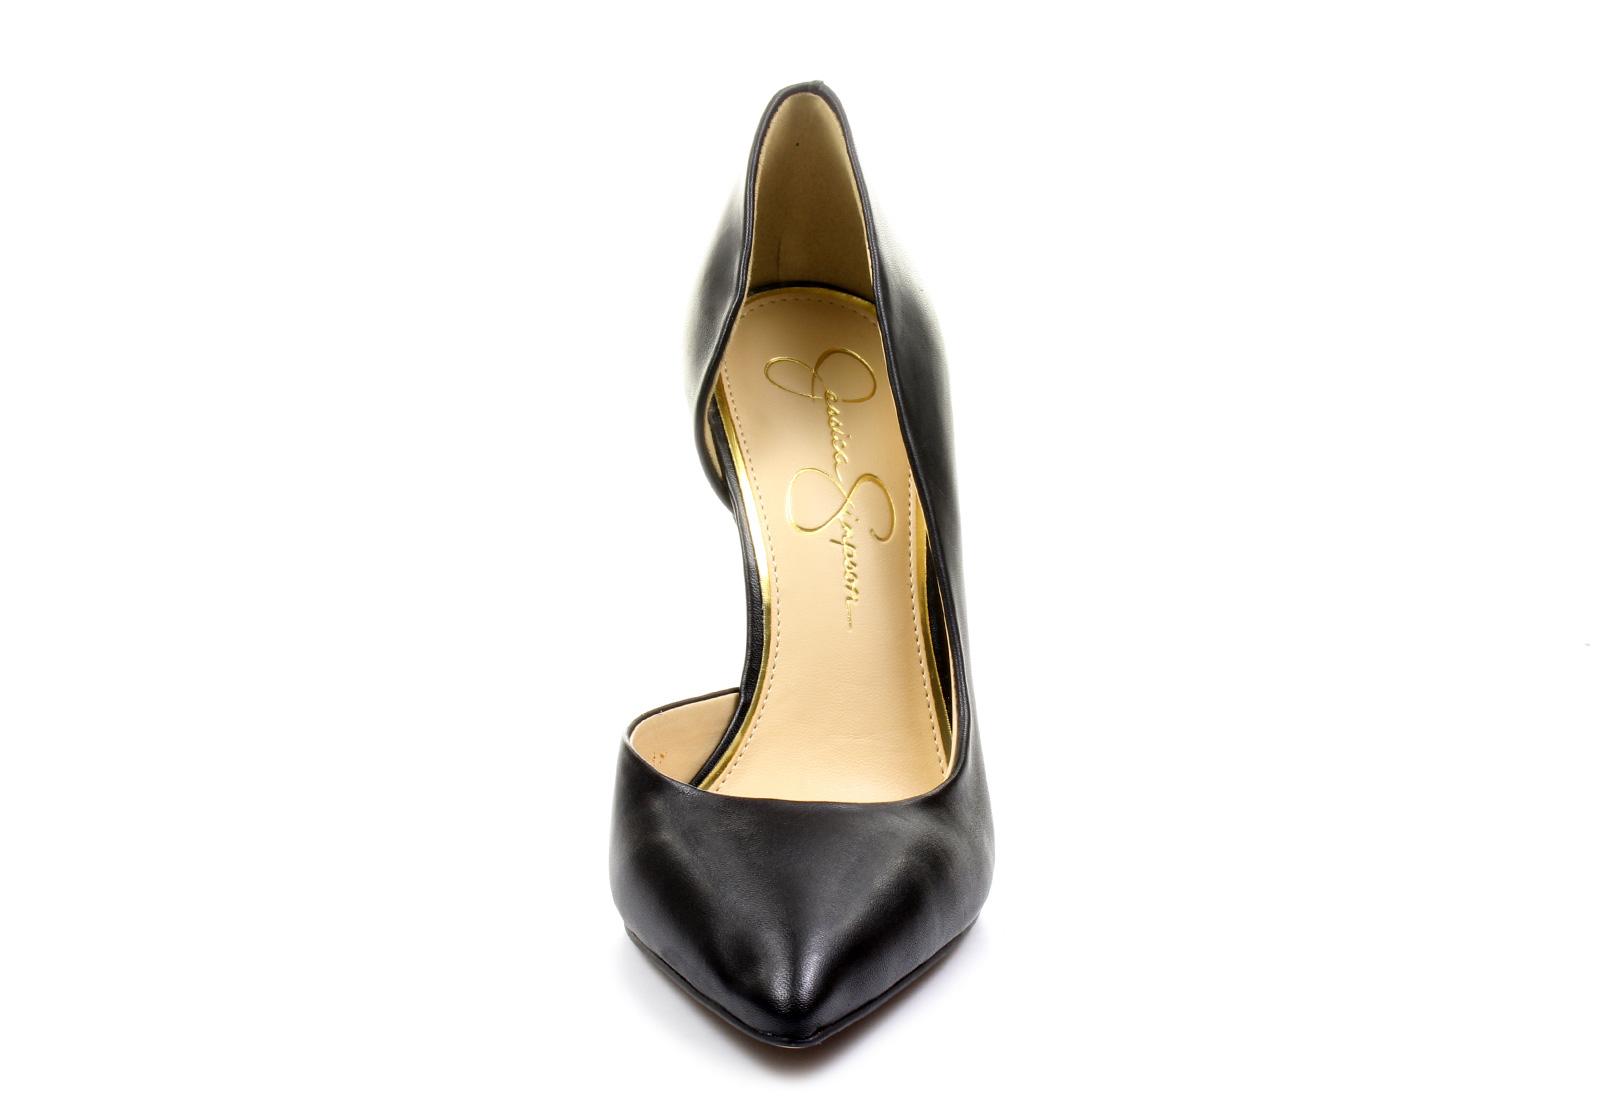 Jessica Simpson Shoes Shop Online